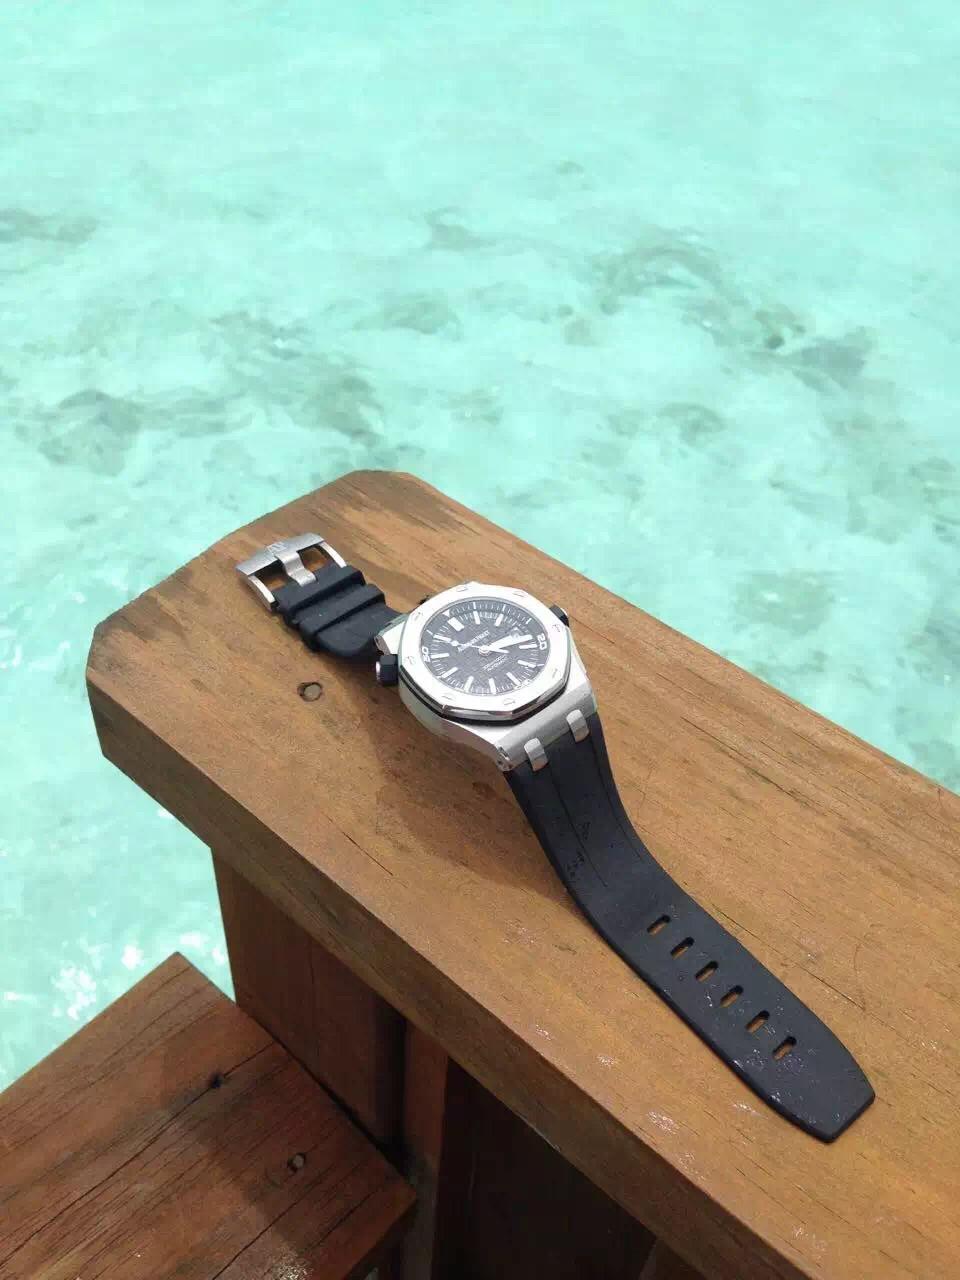 爱彼-Audemars Piguet 皇家橡树离岸型系列 Royal Oak Offshore 15703ST.OO.A002CA.01.01 男士机械手表